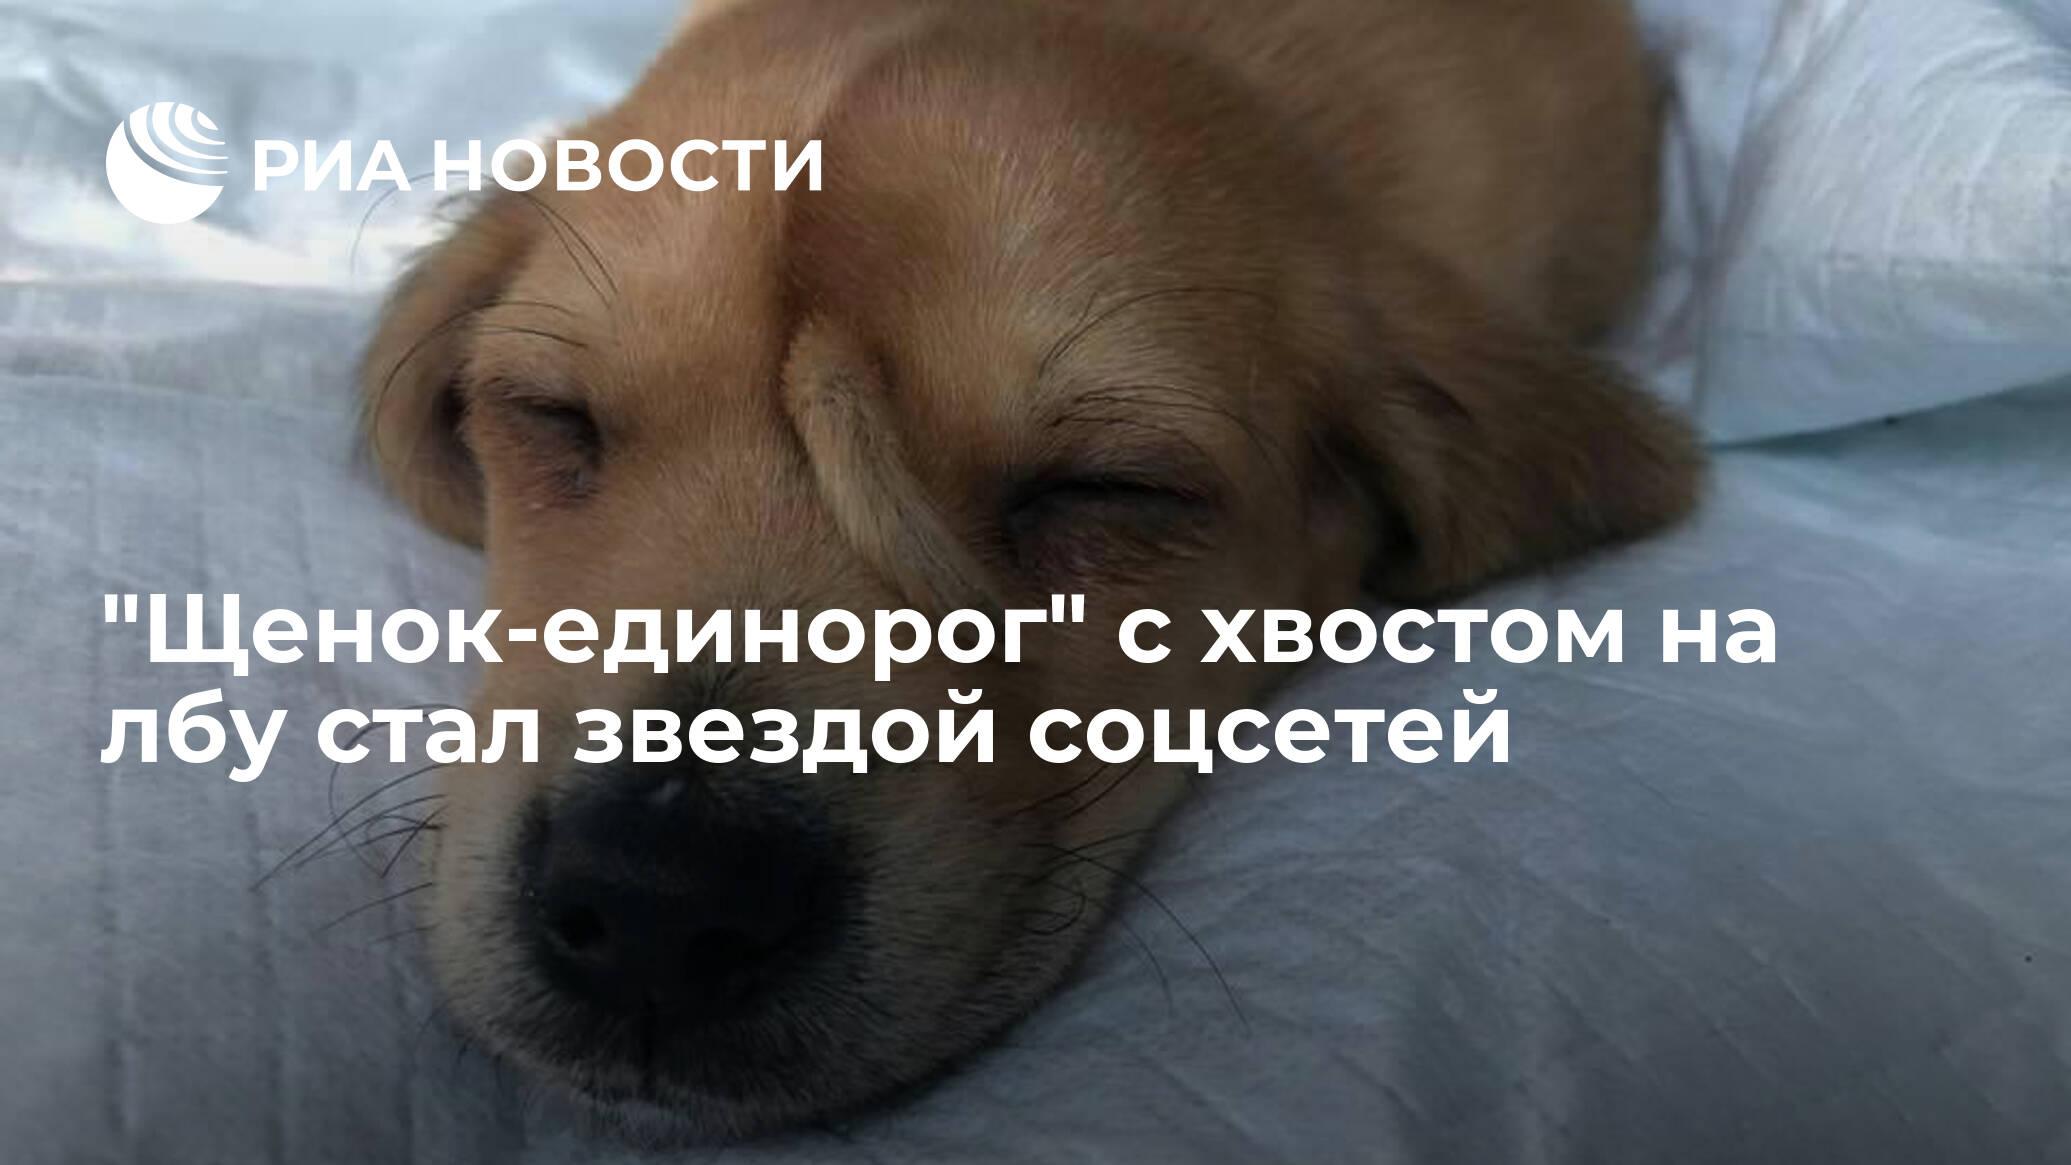 коронавирус щенок